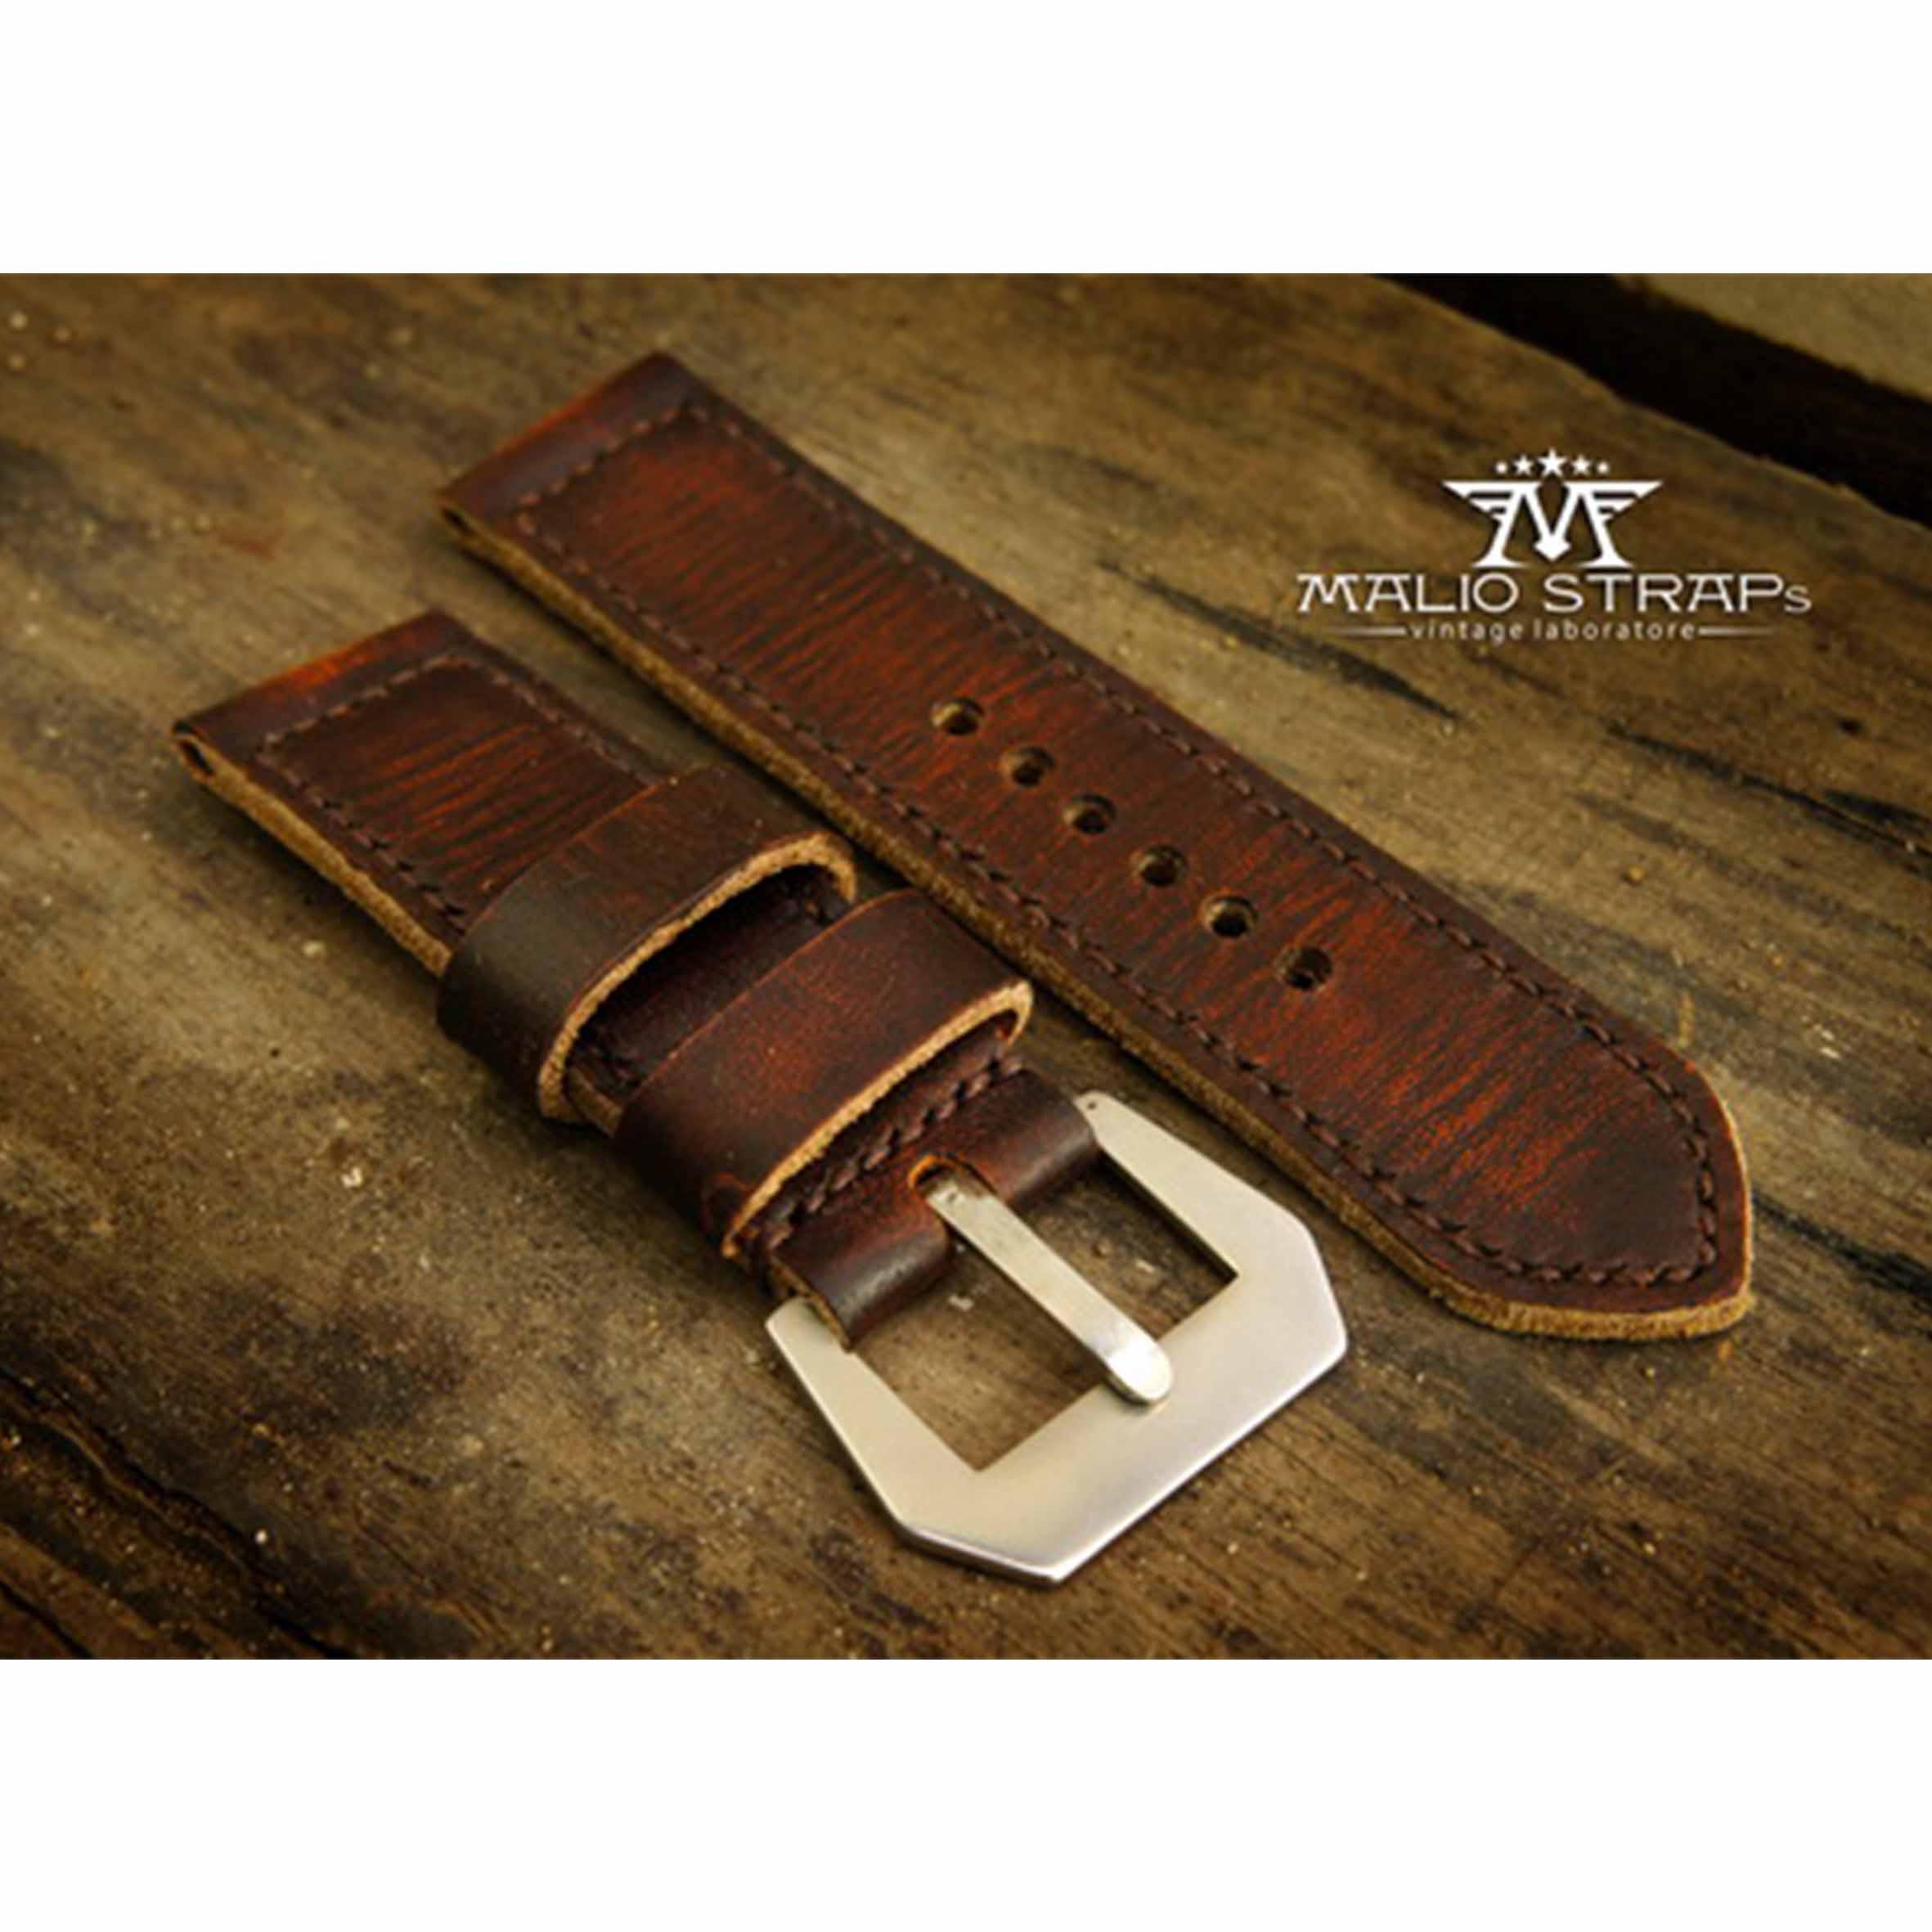 malio-straps-bruciato-strapsonly (1)